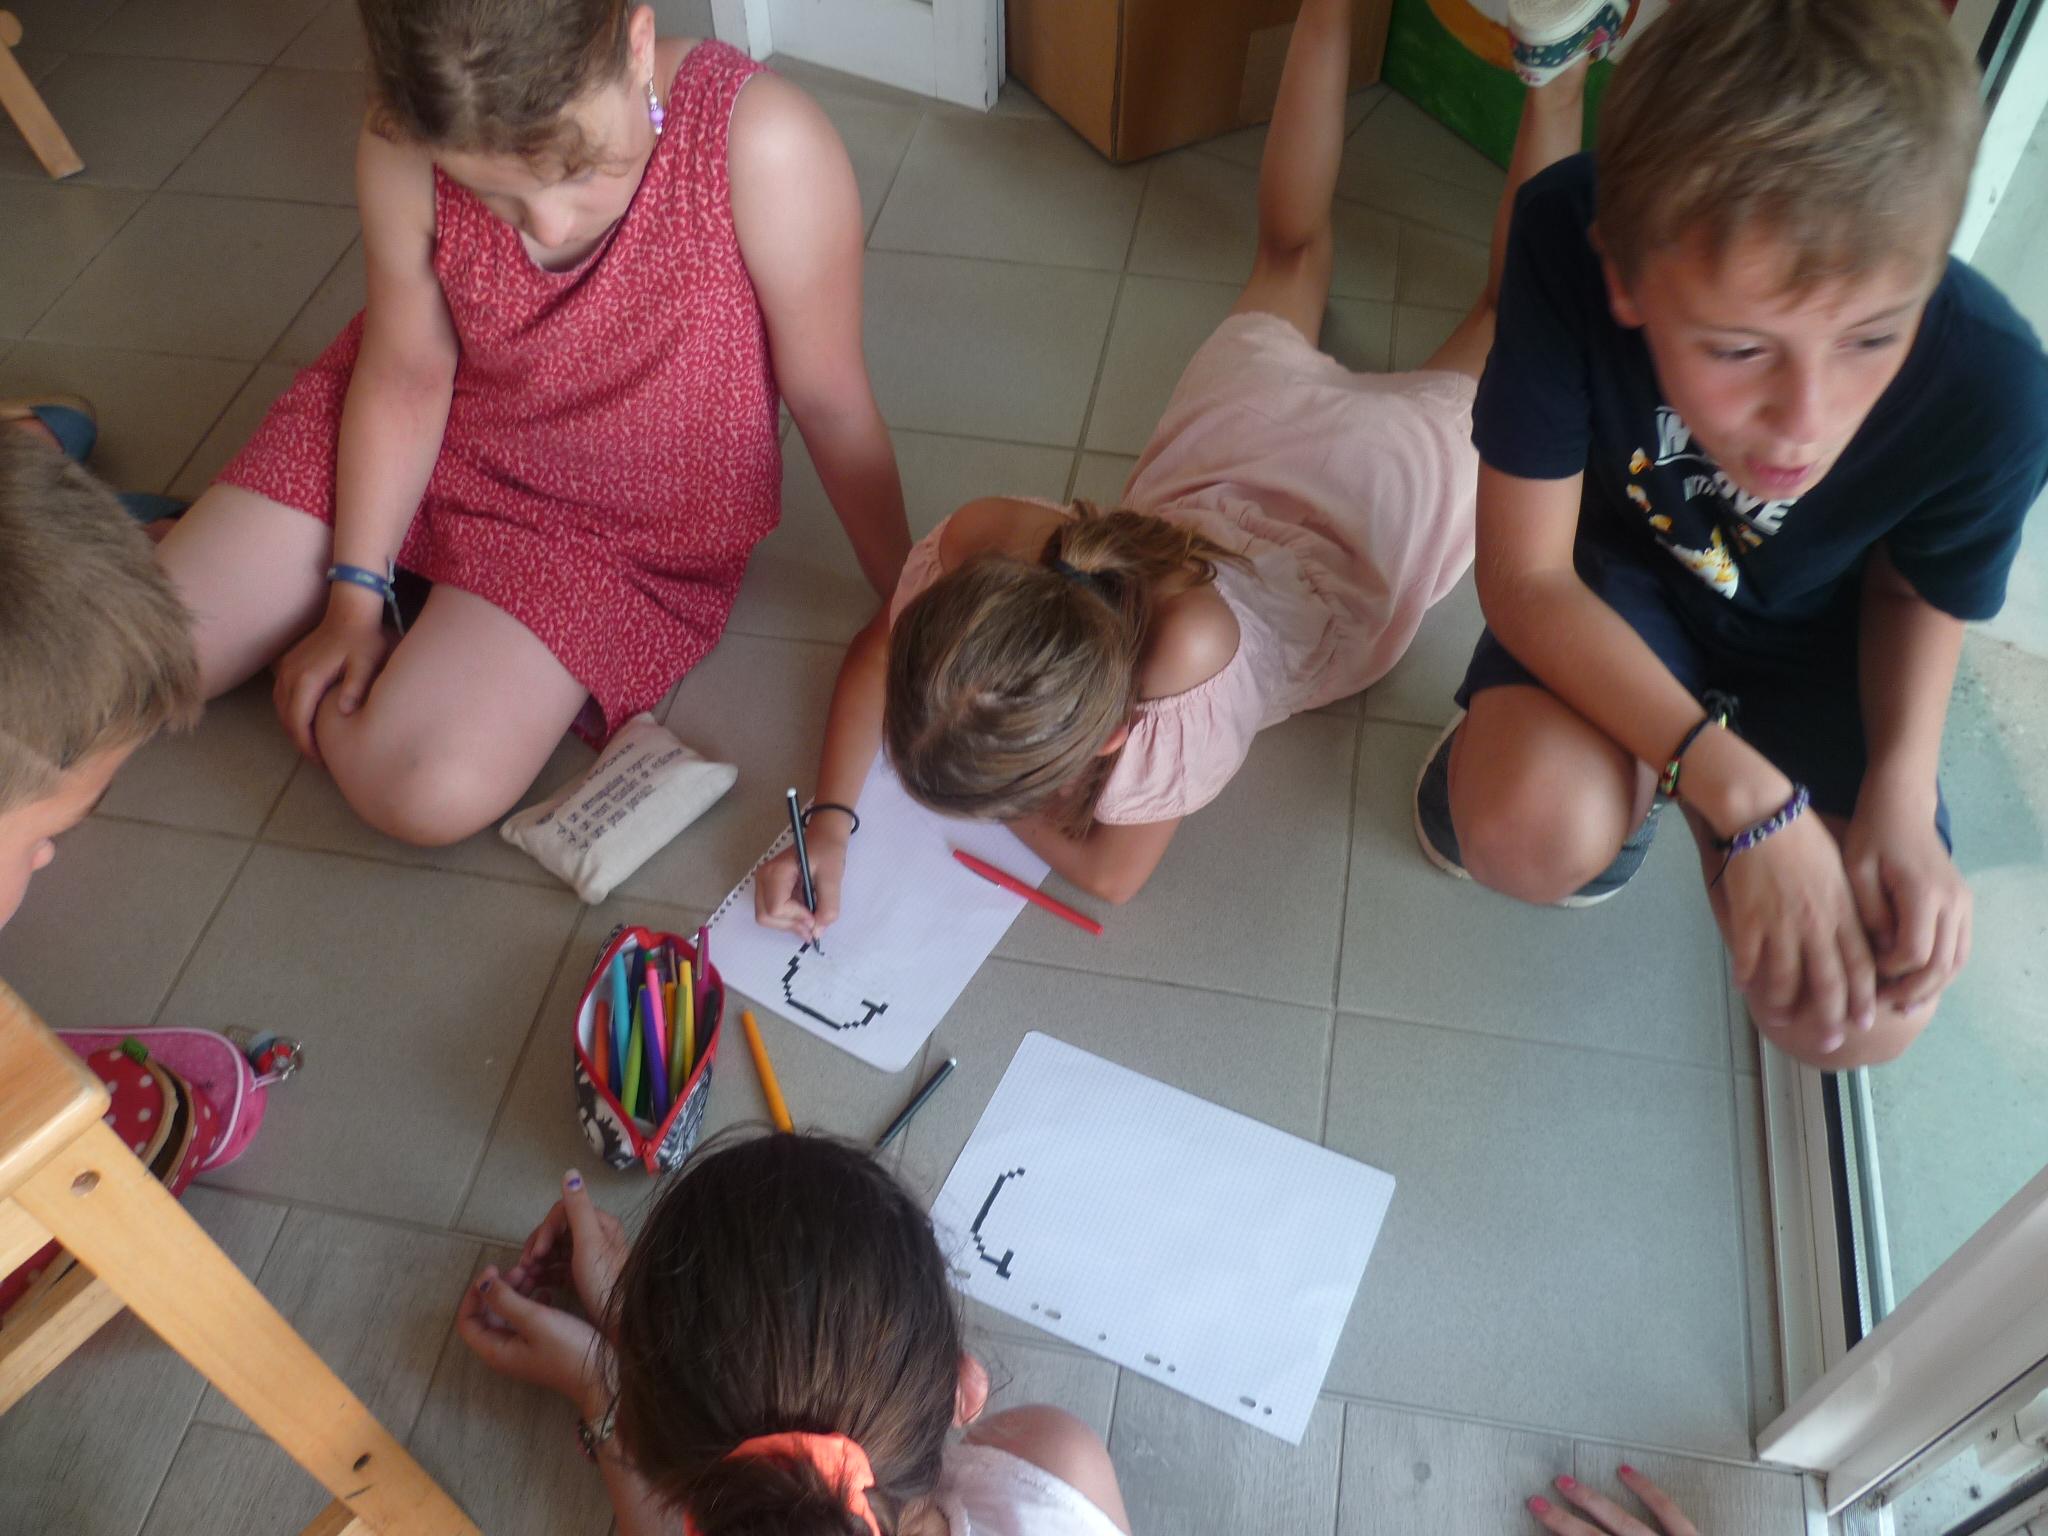 Le Pixel Art Ecole Sainte Famille Varades Loireauxence